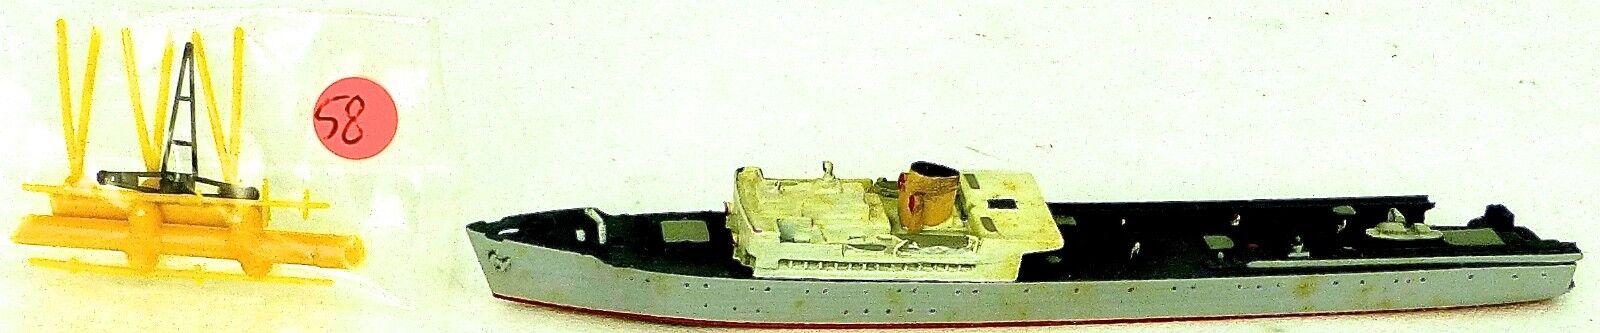 Friesland M515 Ship Model 1 1250 Å